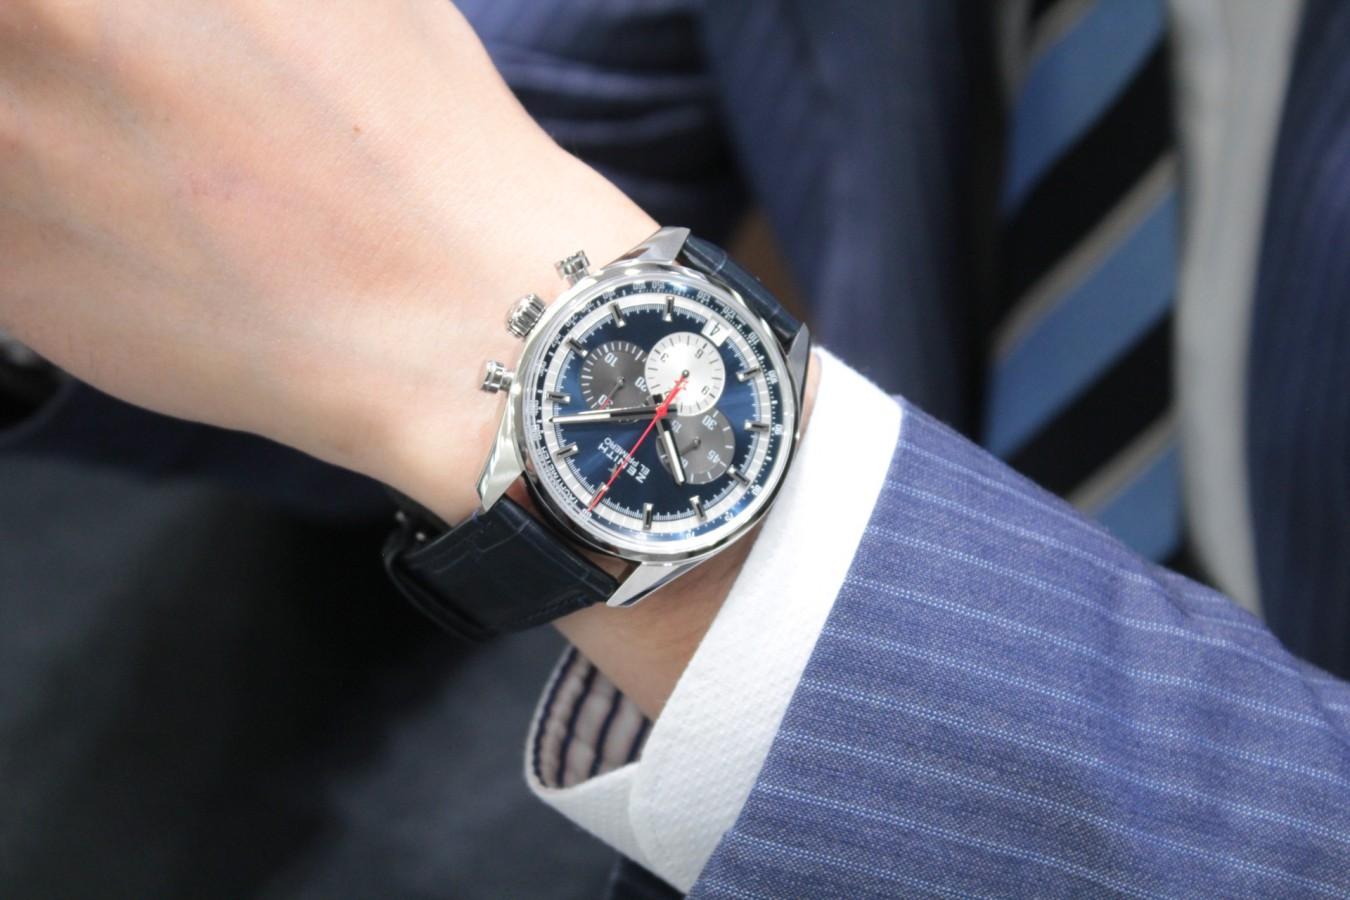 IMG_6279 ブルーダイヤルとマルチカラーが織りなす美しいコントラスト【エル・プリメロ 42mm】 - CHRONOMASTER